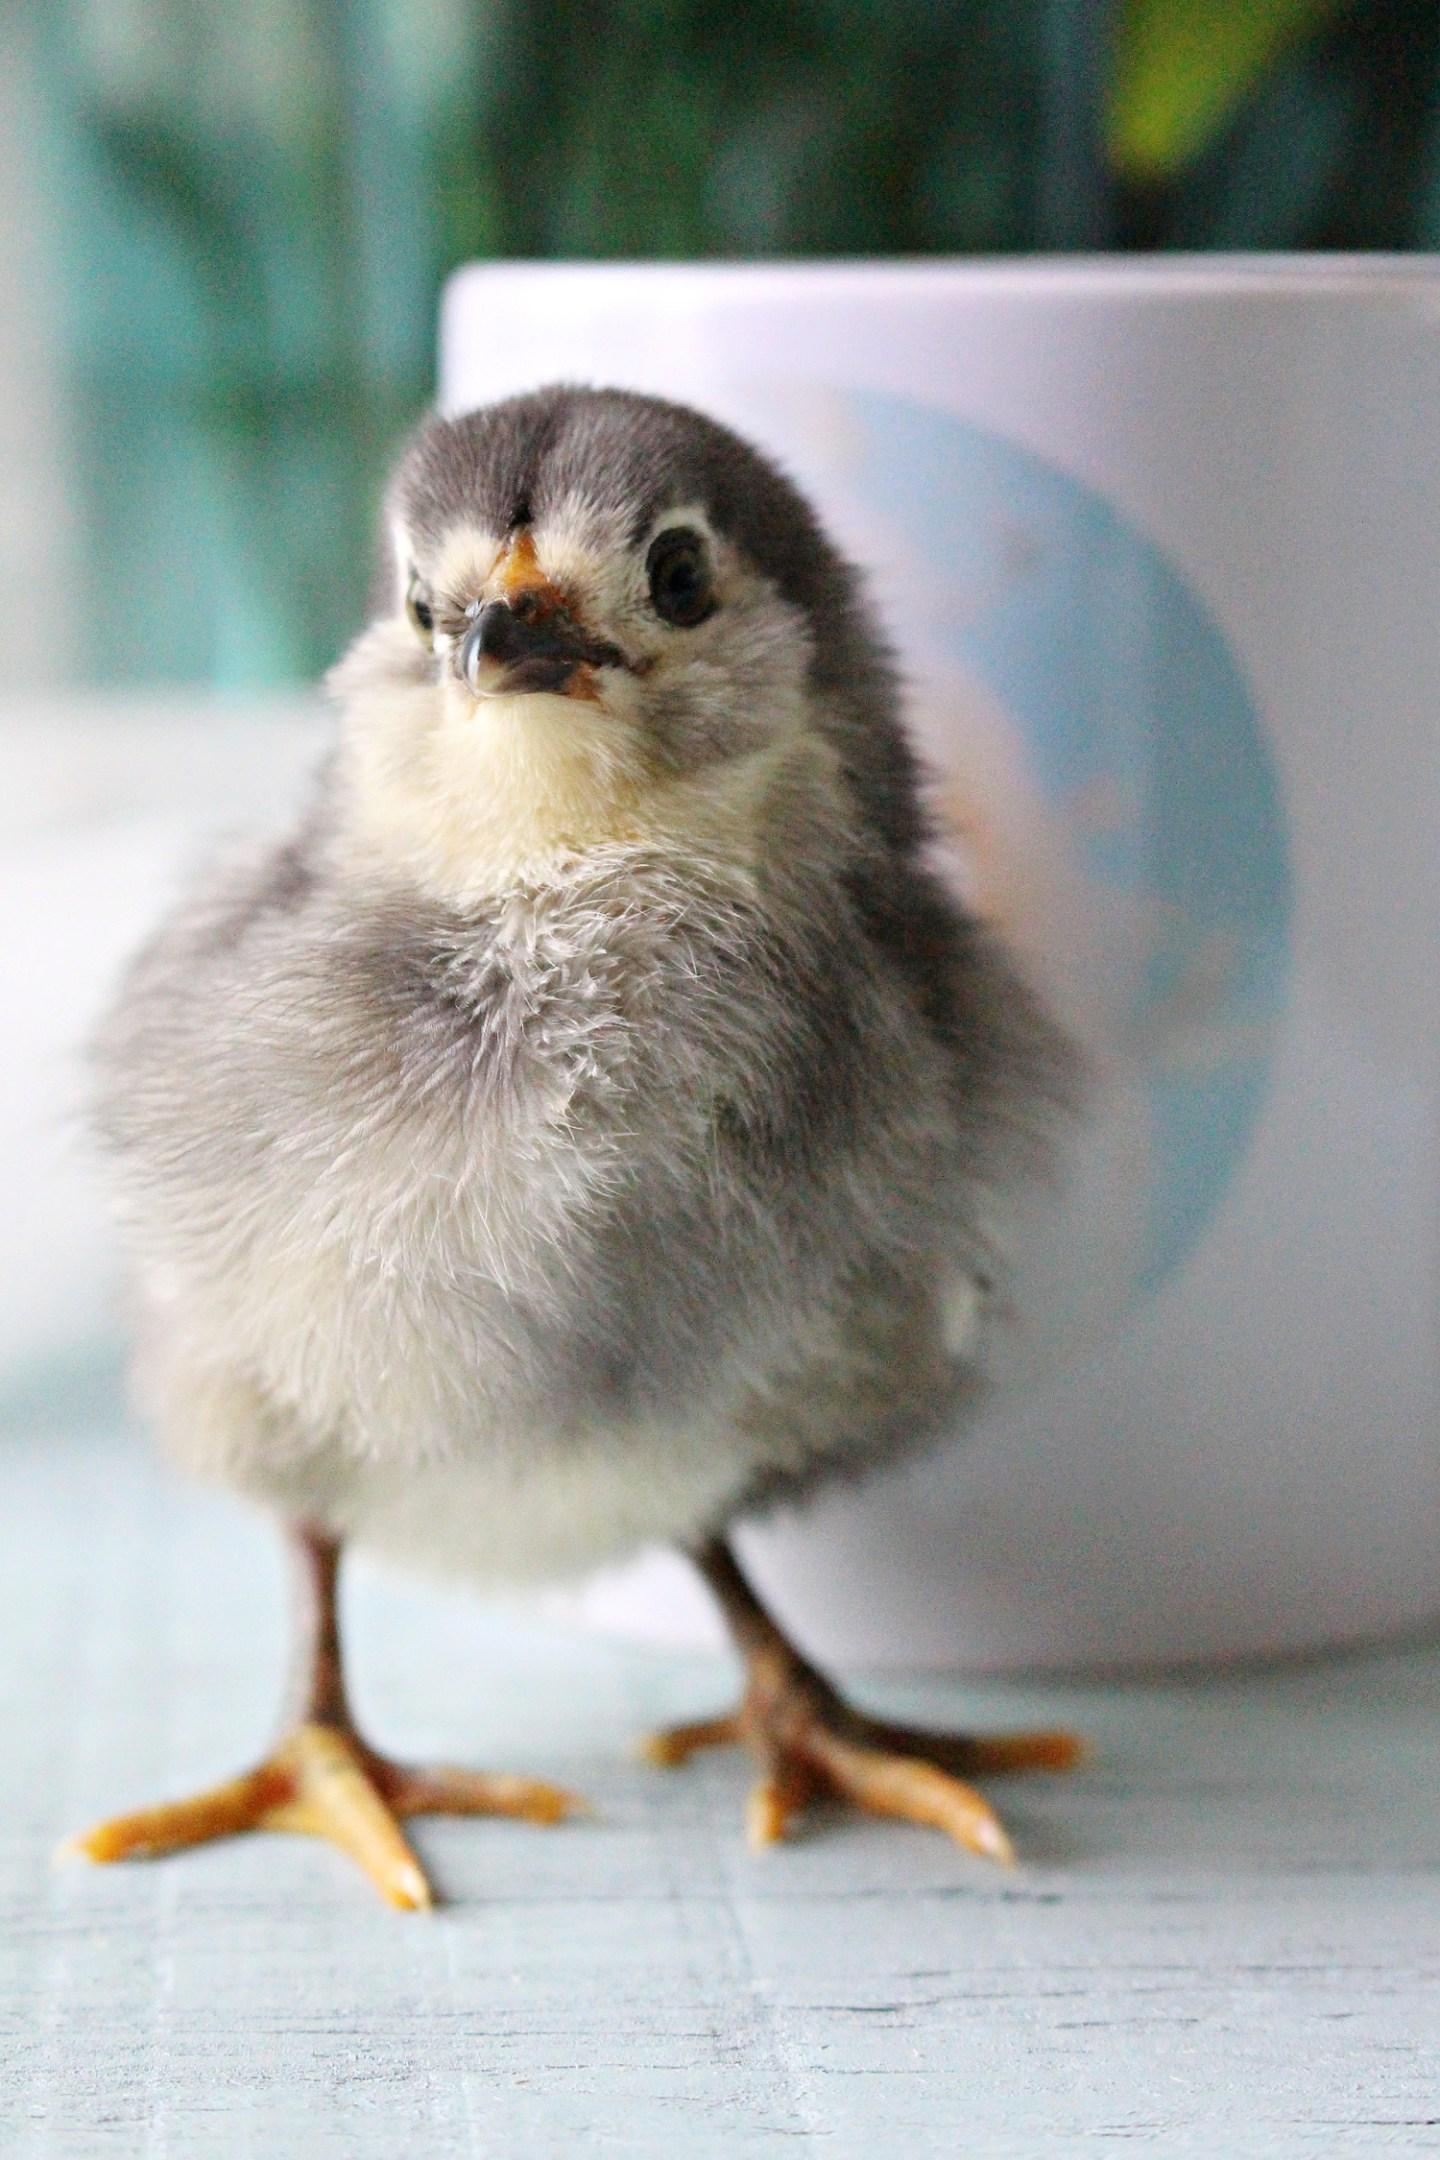 baby maran chick